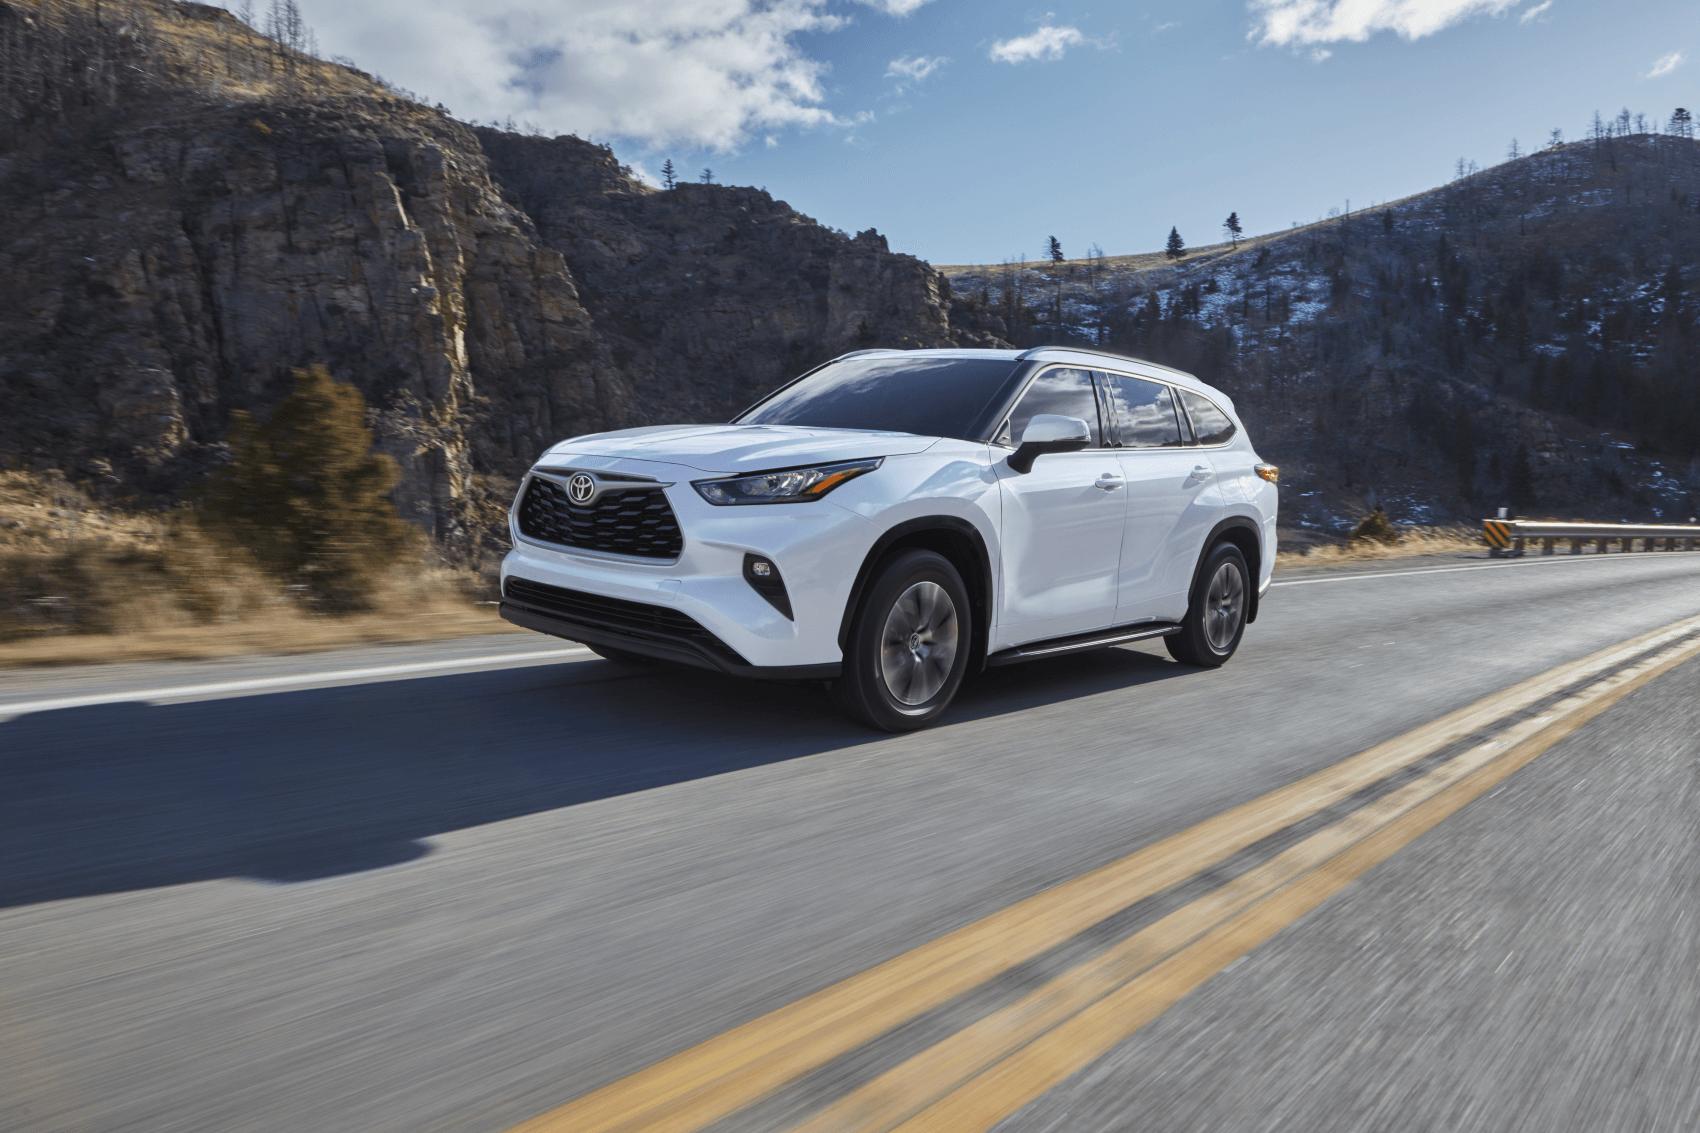 2020 Toyota Highlander White